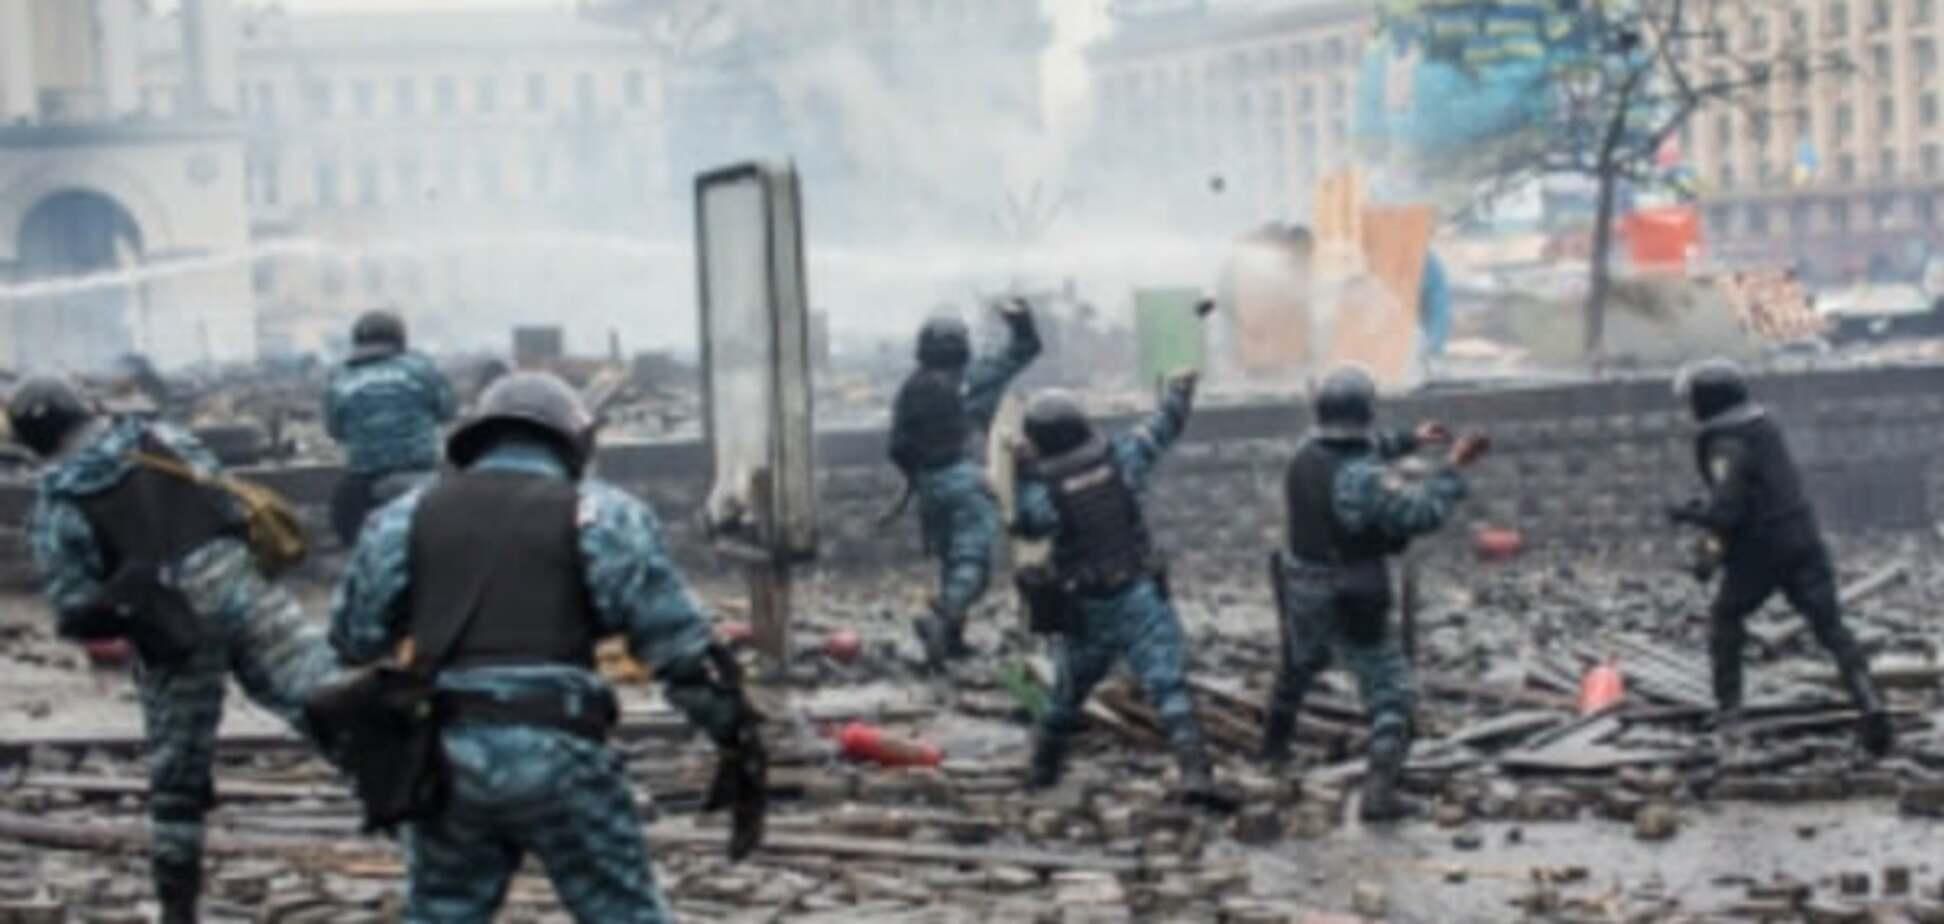 Рувин, Остапенко, Горбатюк: мнение экспертов о деле беркутовцев на Евромайдане